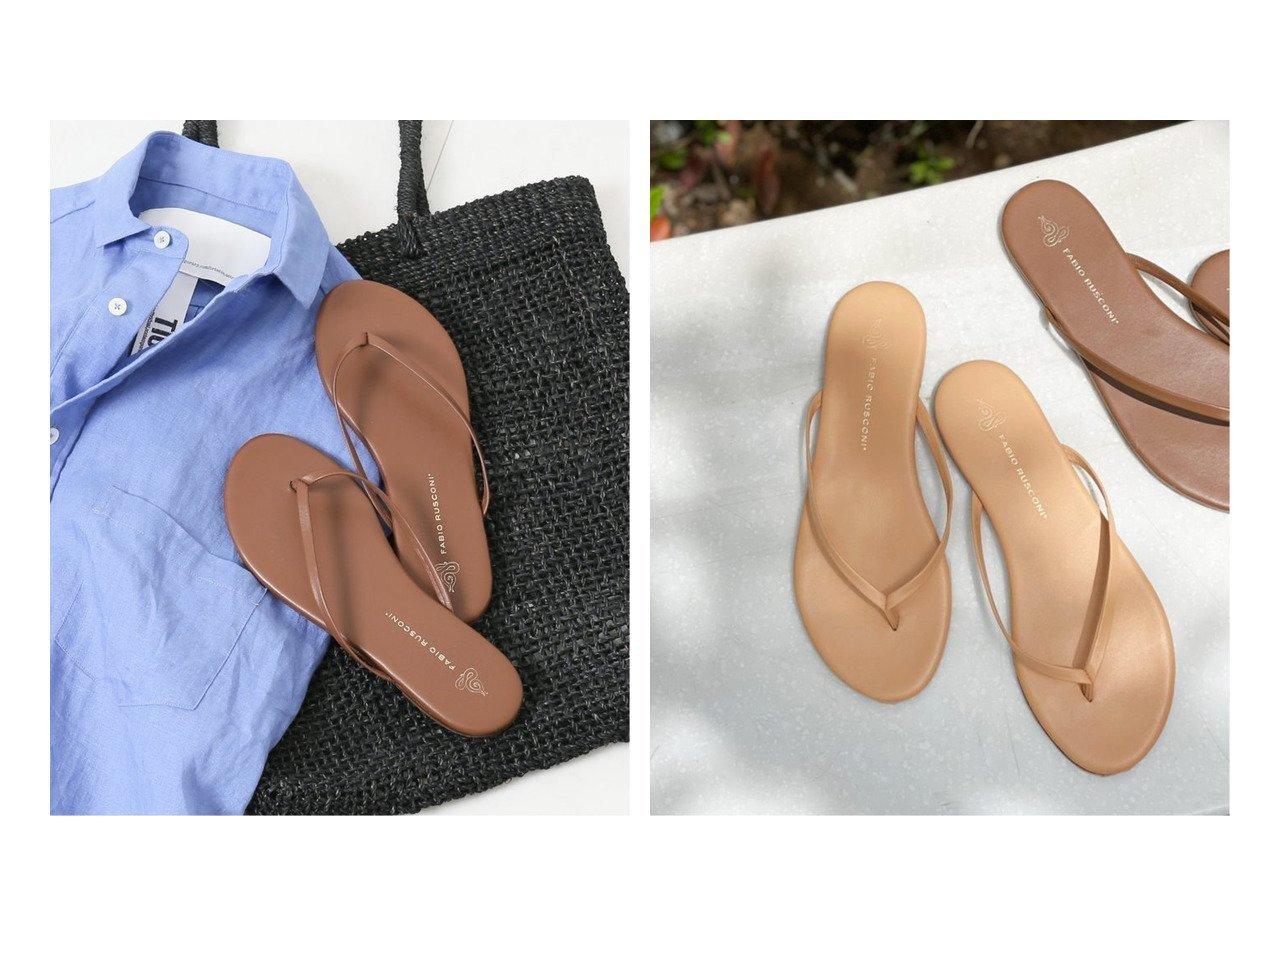 【Spick & Span/スピック&スパン】の【FABIO RUSCONI】トングサンダル 【シューズ・靴】おすすめ!人気、トレンド・レディースファッションの通販 おすすめで人気の流行・トレンド、ファッションの通販商品 インテリア・家具・メンズファッション・キッズファッション・レディースファッション・服の通販 founy(ファニー) https://founy.com/ ファッション Fashion レディースファッション WOMEN 2021年 2021 2021春夏・S/S SS/Spring/Summer/2021 S/S・春夏 SS・Spring/Summer おすすめ Recommend イタリア エレガント サンダル シューズ シンプル 再入荷 Restock/Back in Stock/Re Arrival 夏 Summer 春 Spring |ID:crp329100000049943